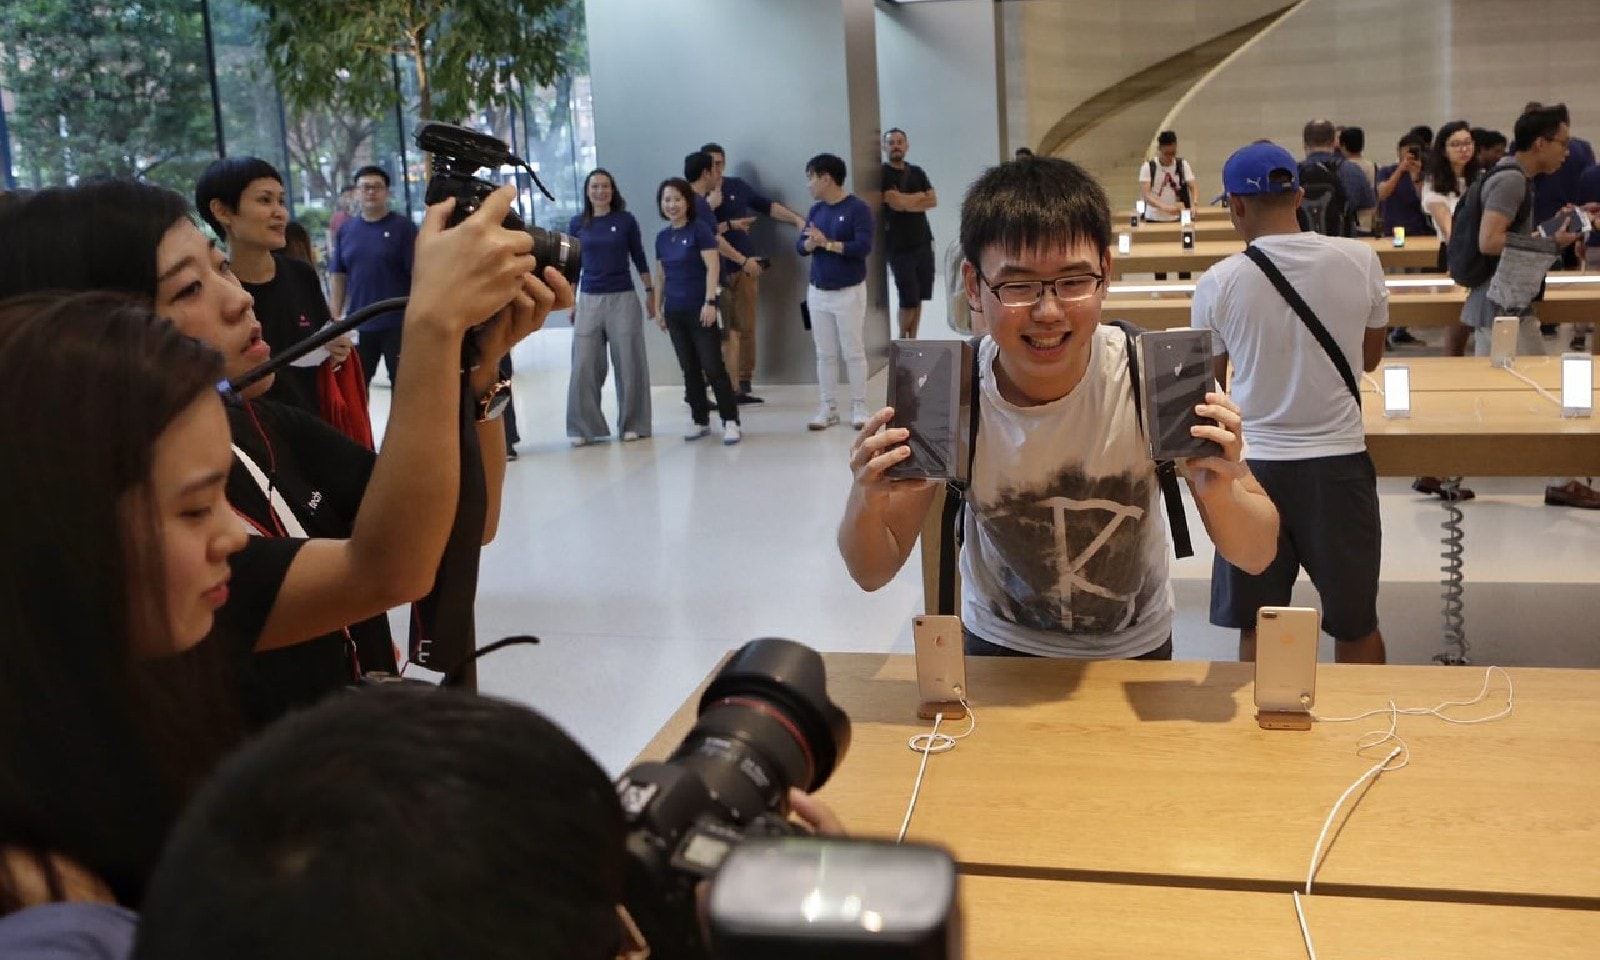 سنگاپور میں سب سے پہلے آئی فون خریدنے والے صارف کی خوشی، فوٹو بشکریہ straitstimes